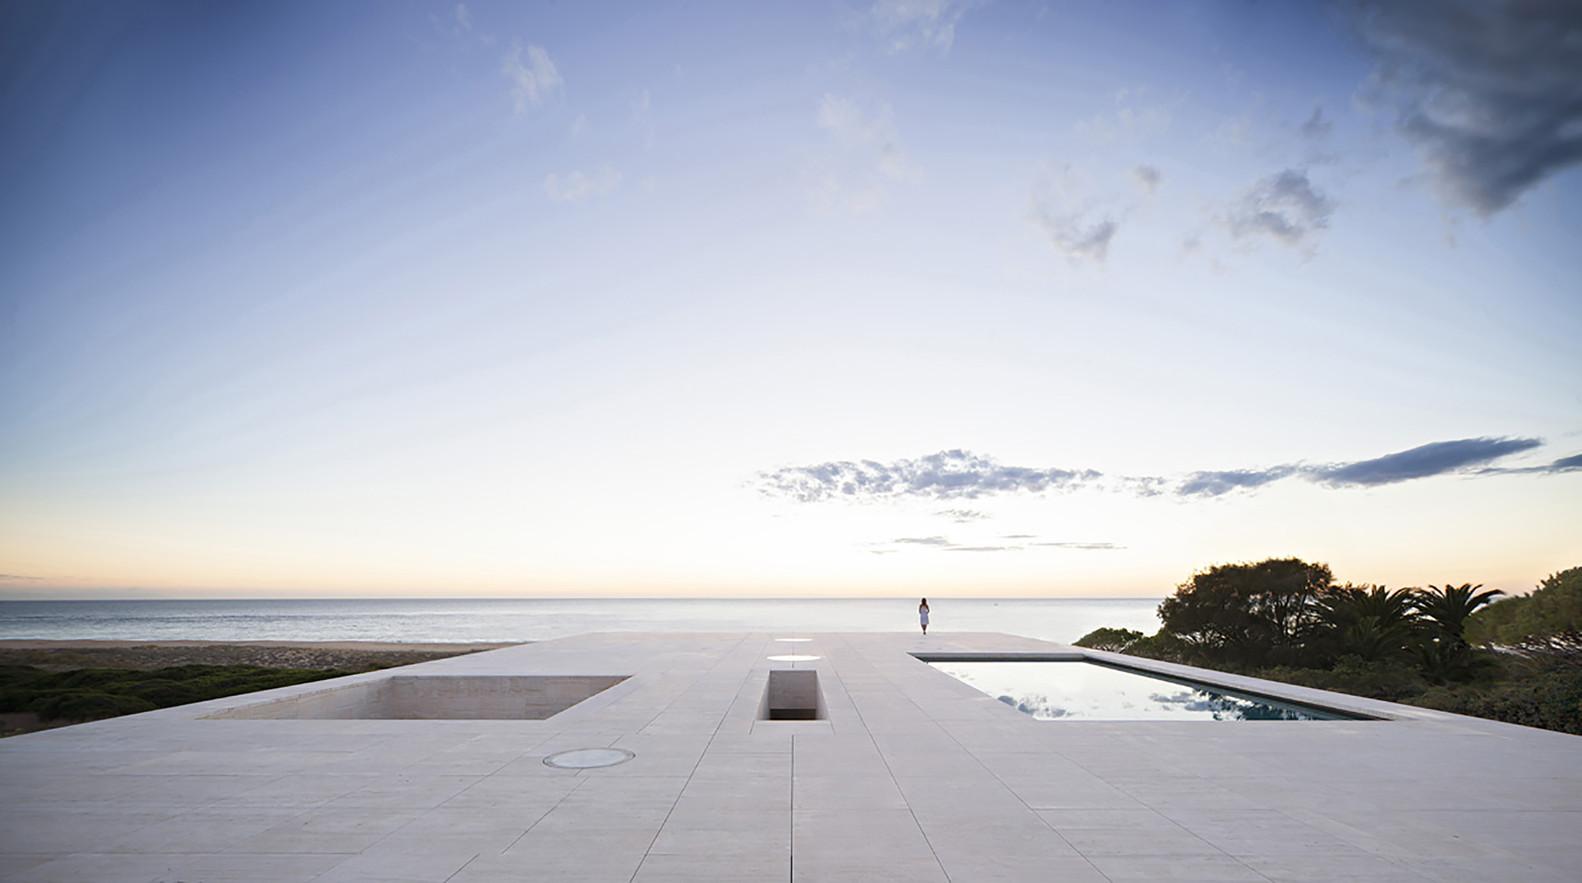 """16 4 - """"Casa del infinito"""": Horizonte espectacular de cielo y mar en Zahara de los Atunes (Cádiz)"""